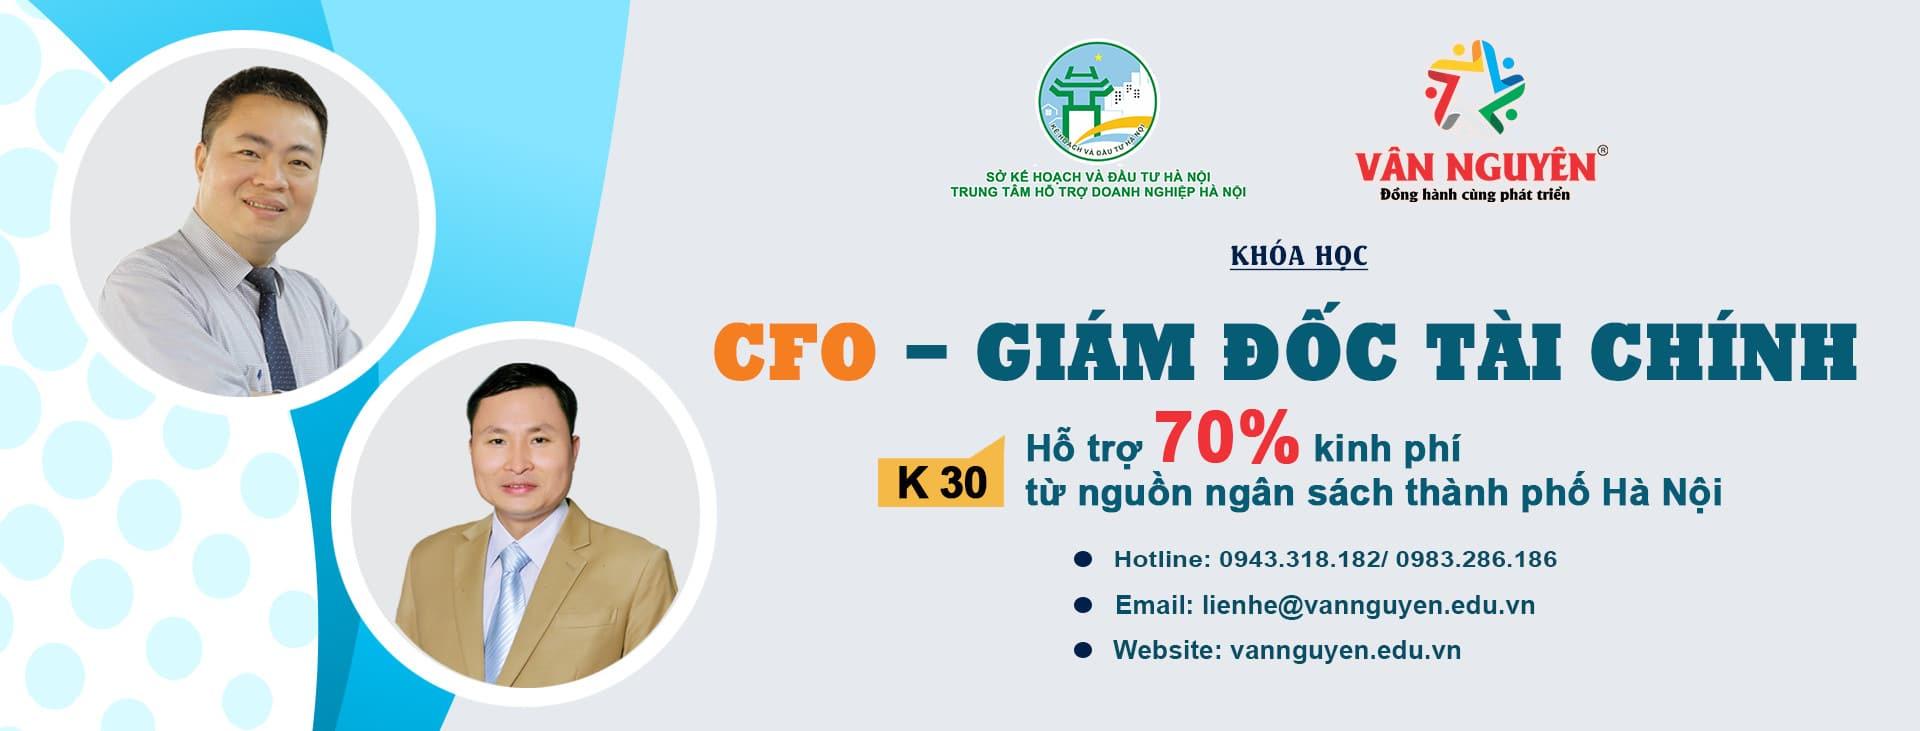 Khóa học CFO – Giám đốc tài chính chuyên nghiệp K30